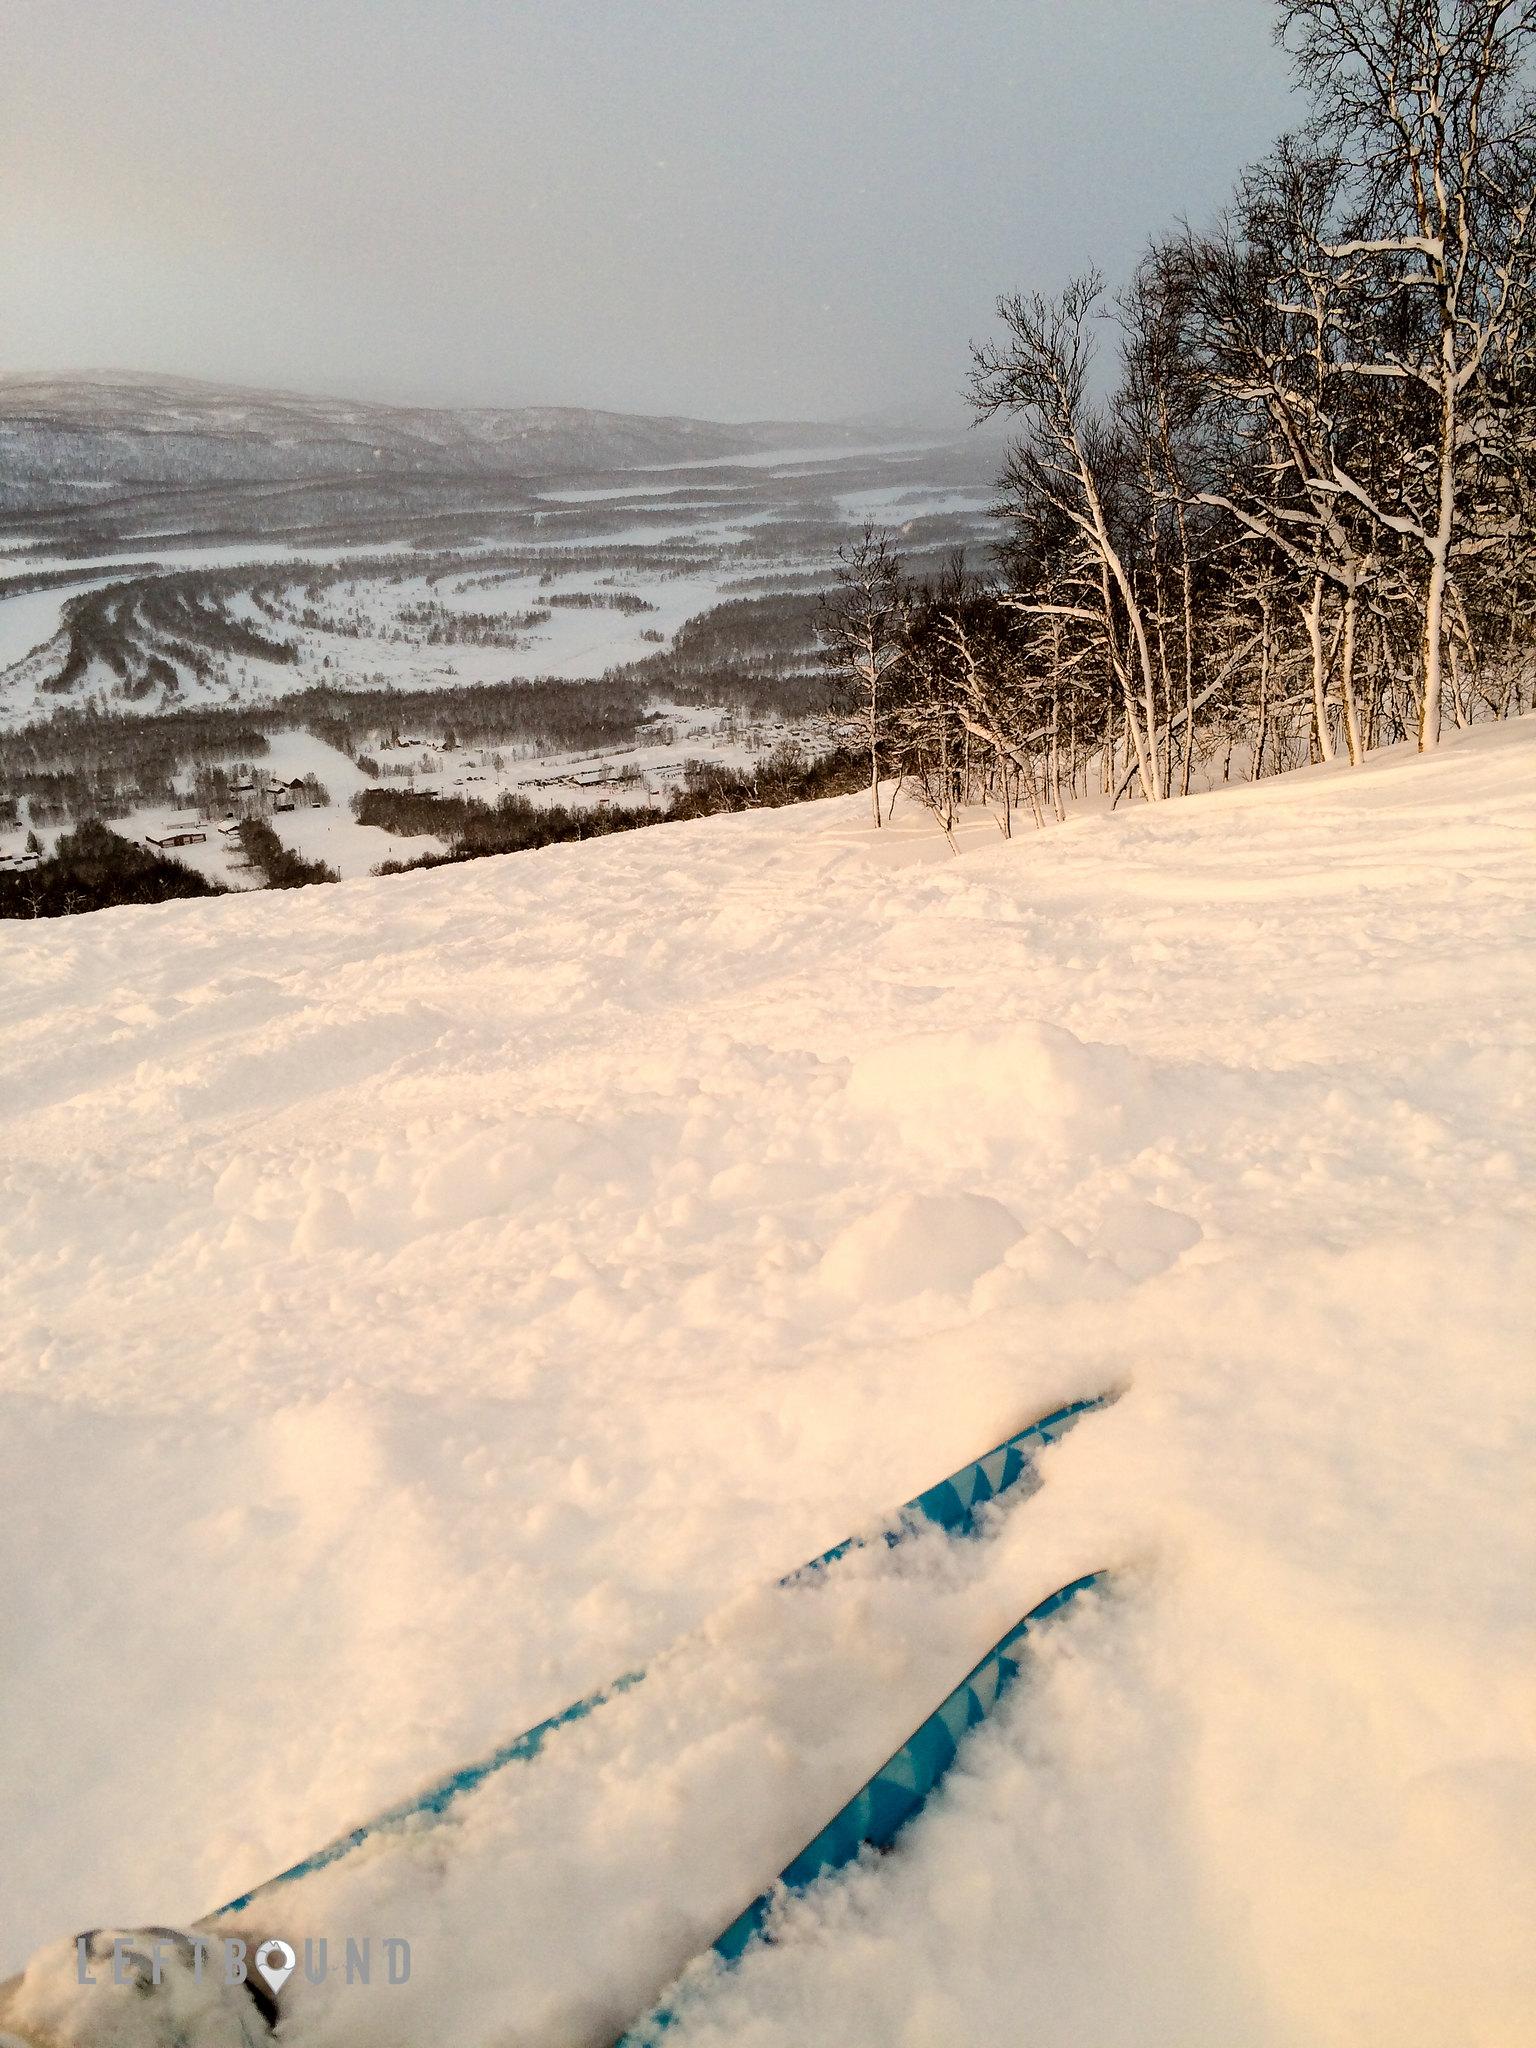 Soft terrain ahead